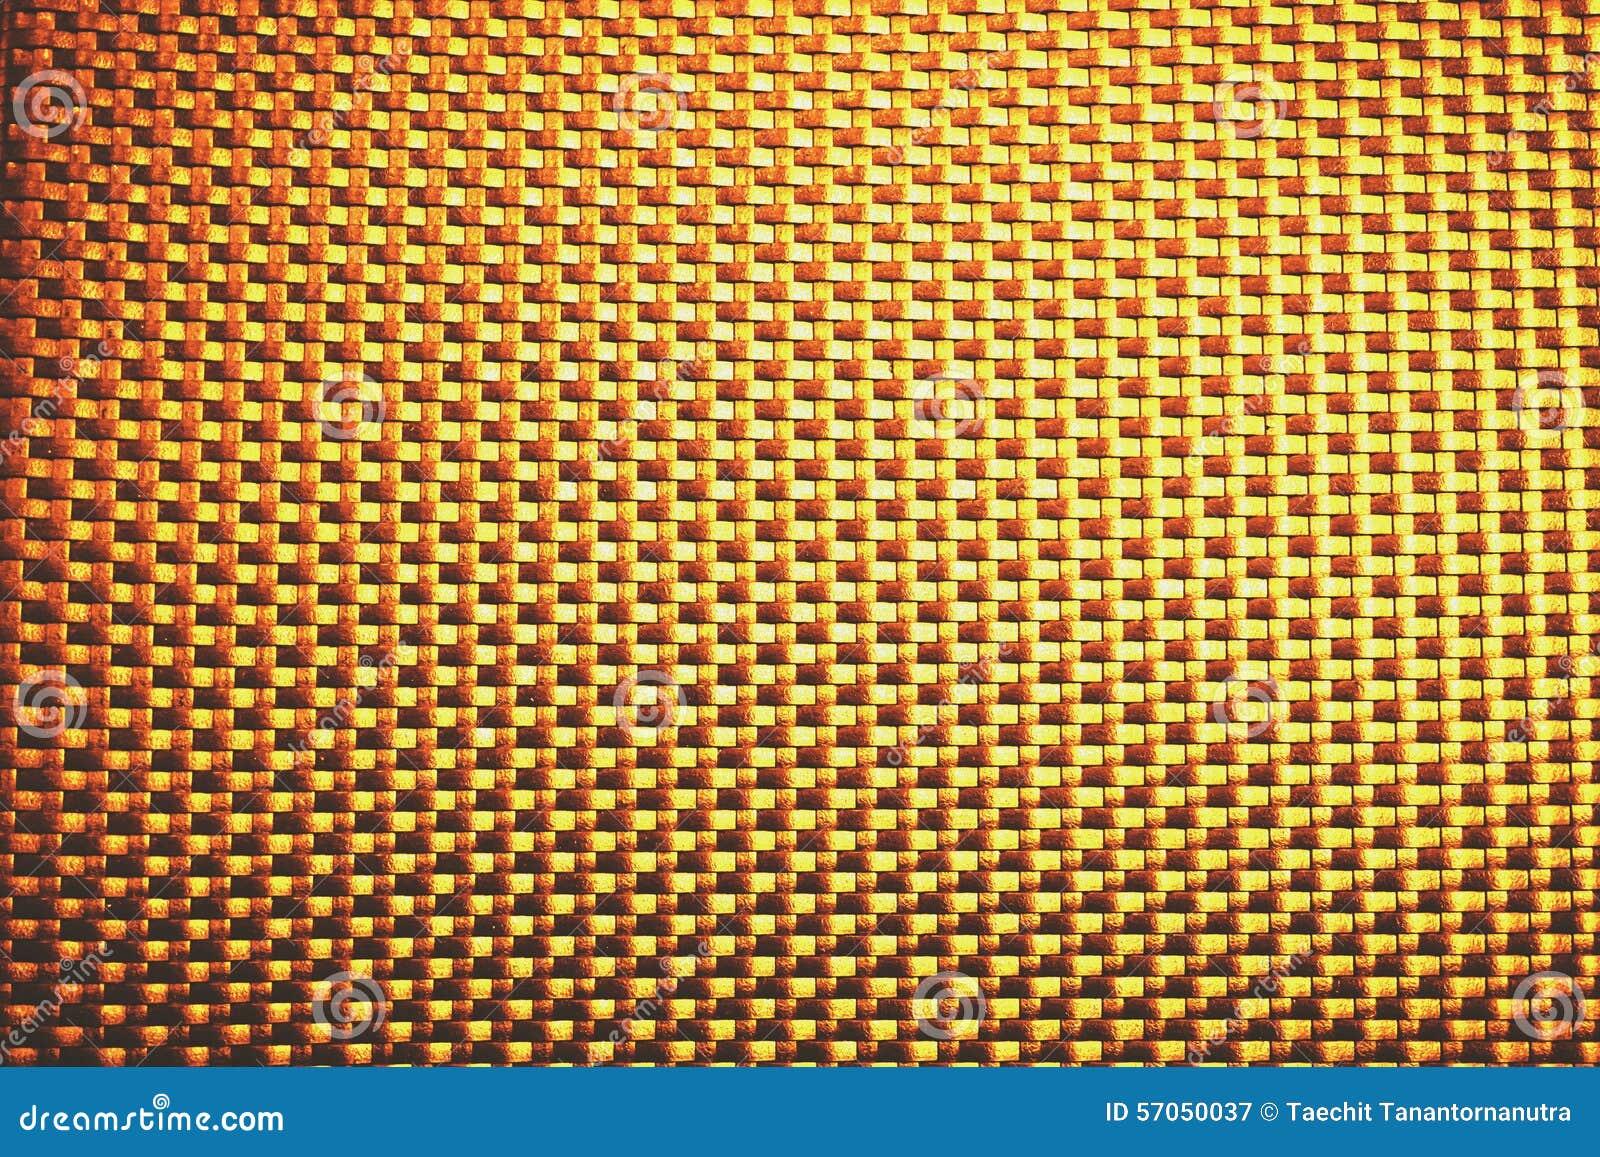 Gouden vierkante bloktextuur